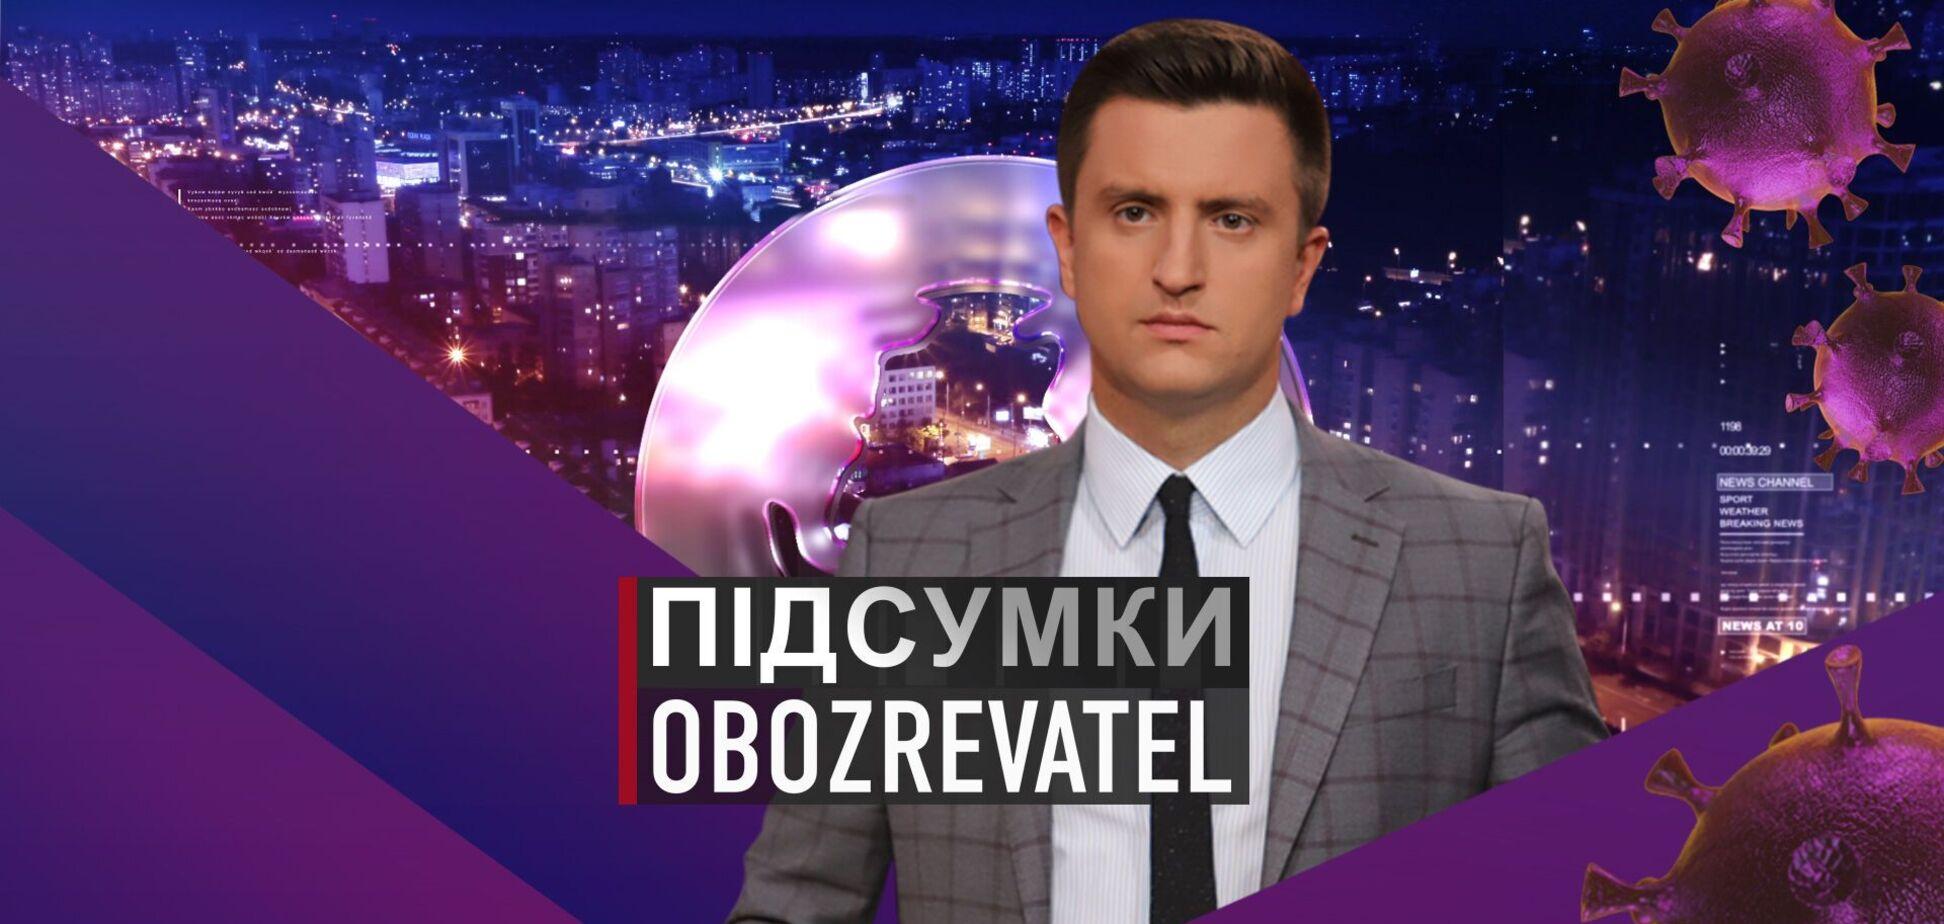 Підсумки з Вадимом Колодійчуком. Середа, 9 червня